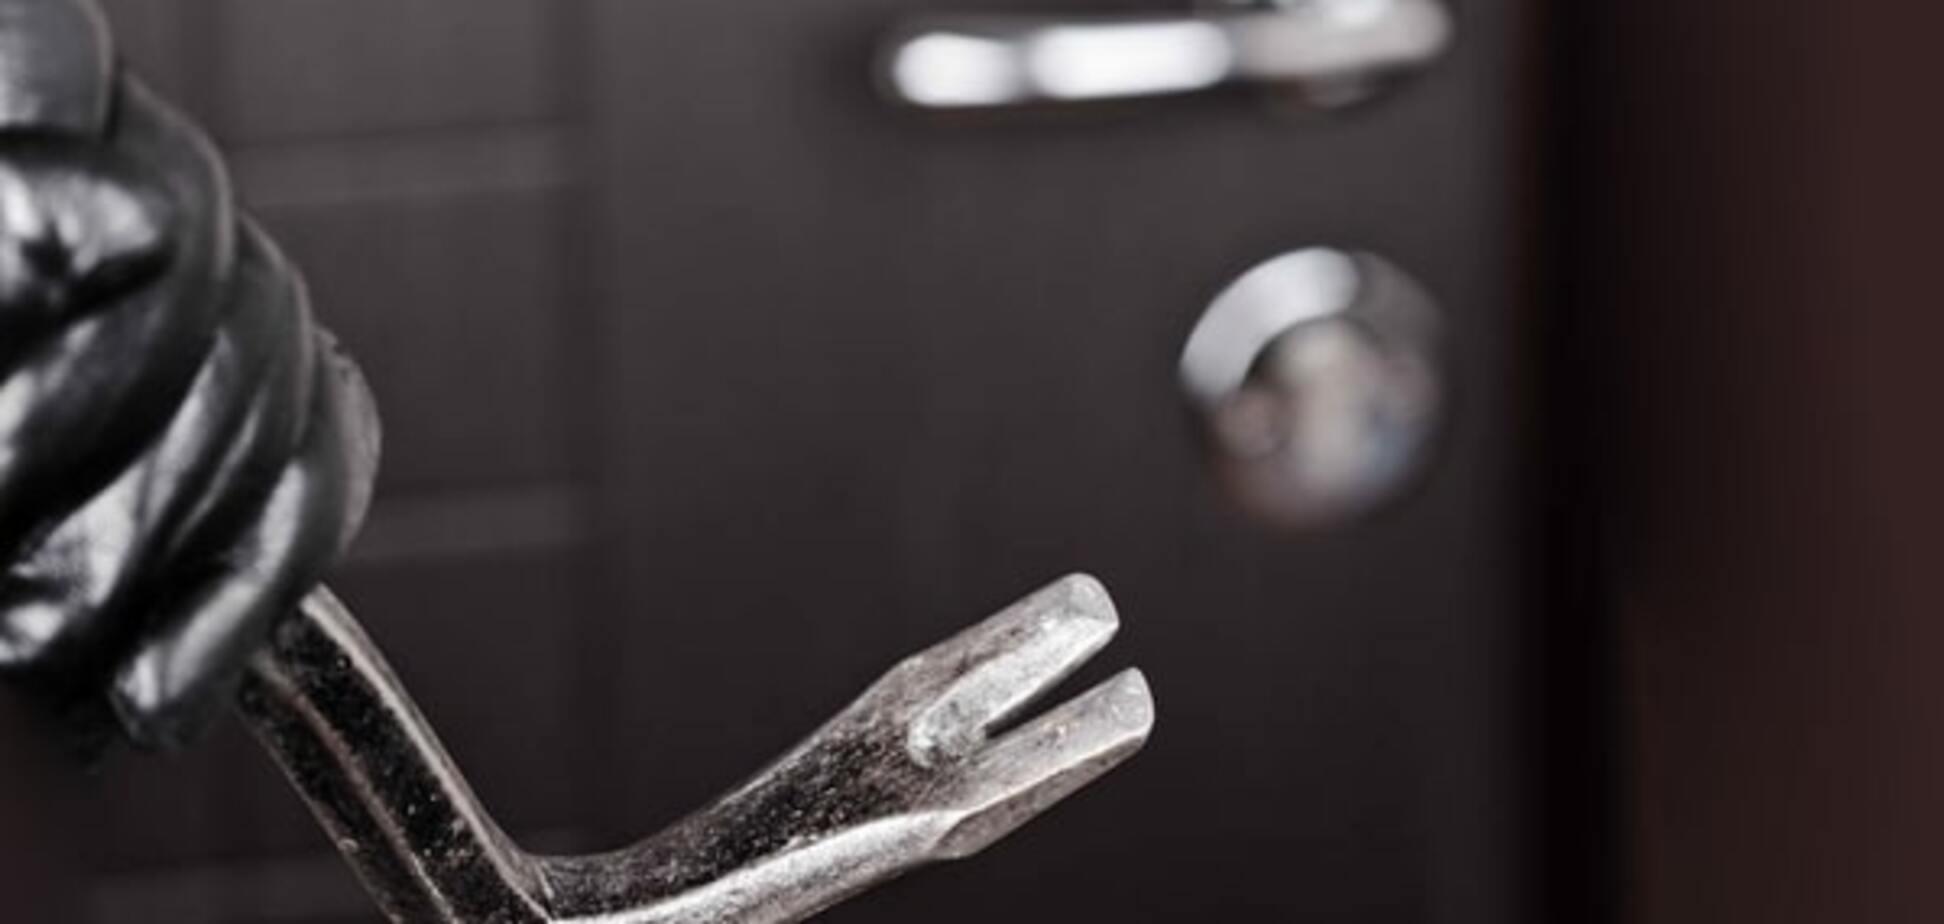 У Києві затримали 'віртуозних' 'чистильщиків' квартир